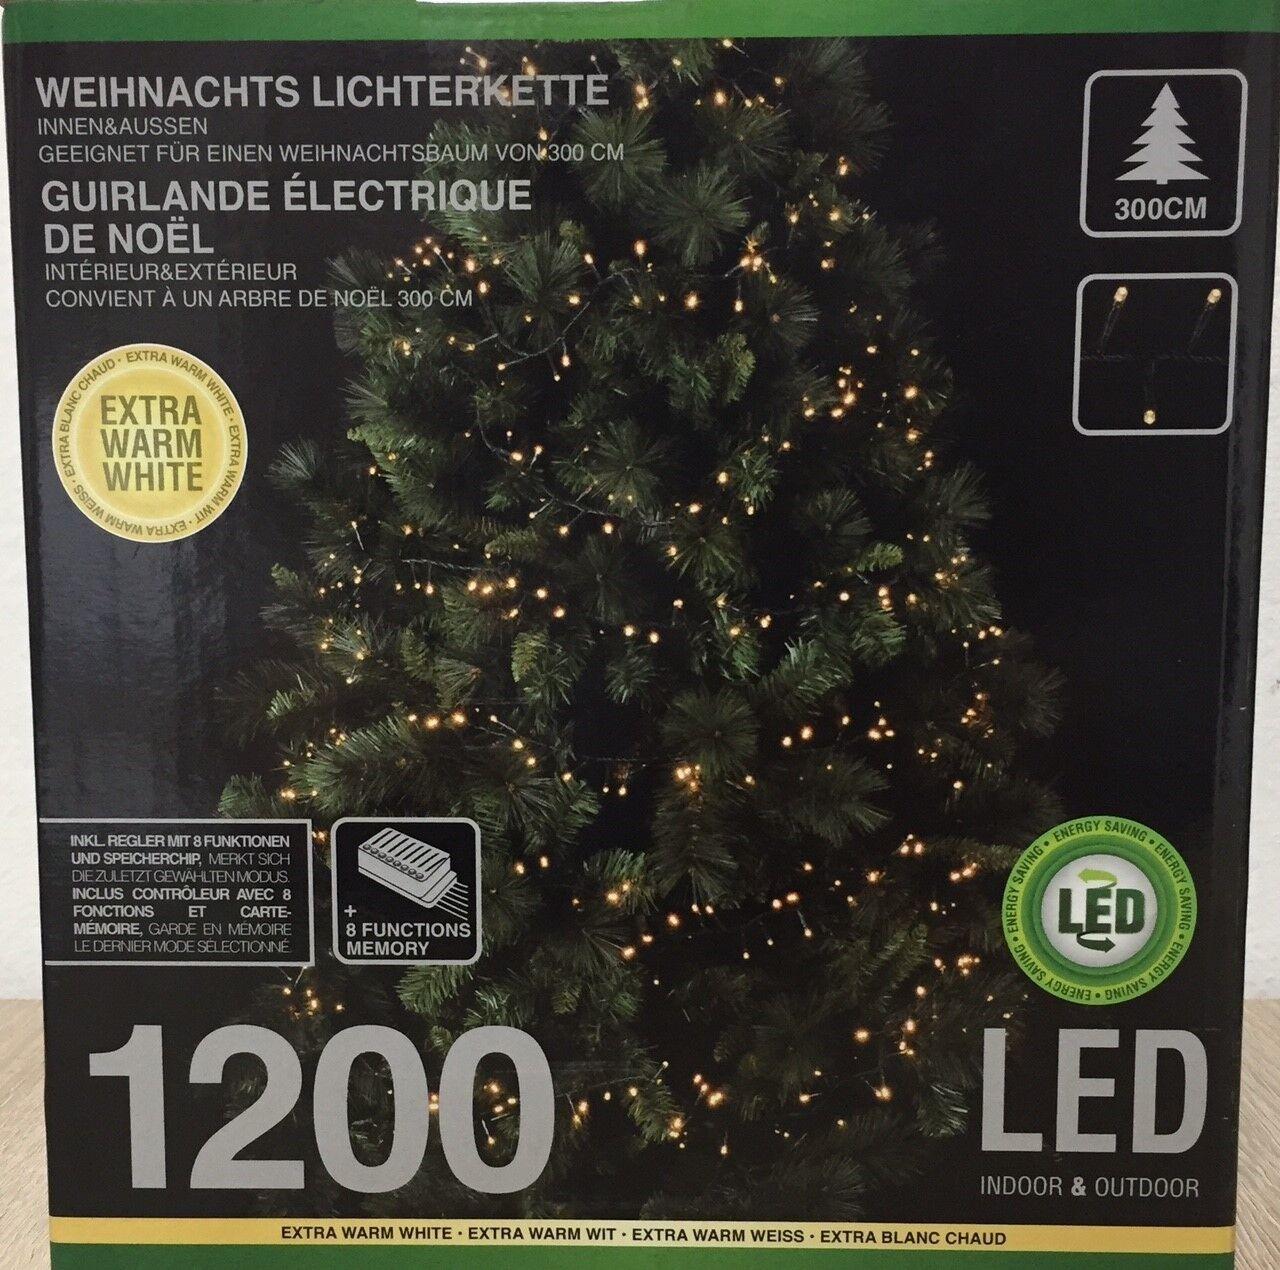 Lichterkette 1200 LED 8 Funktionen,EXTRA-WARM-WEISS,Licht für 3m Weihnachtsbaum  | Lebhaft und liebenswert